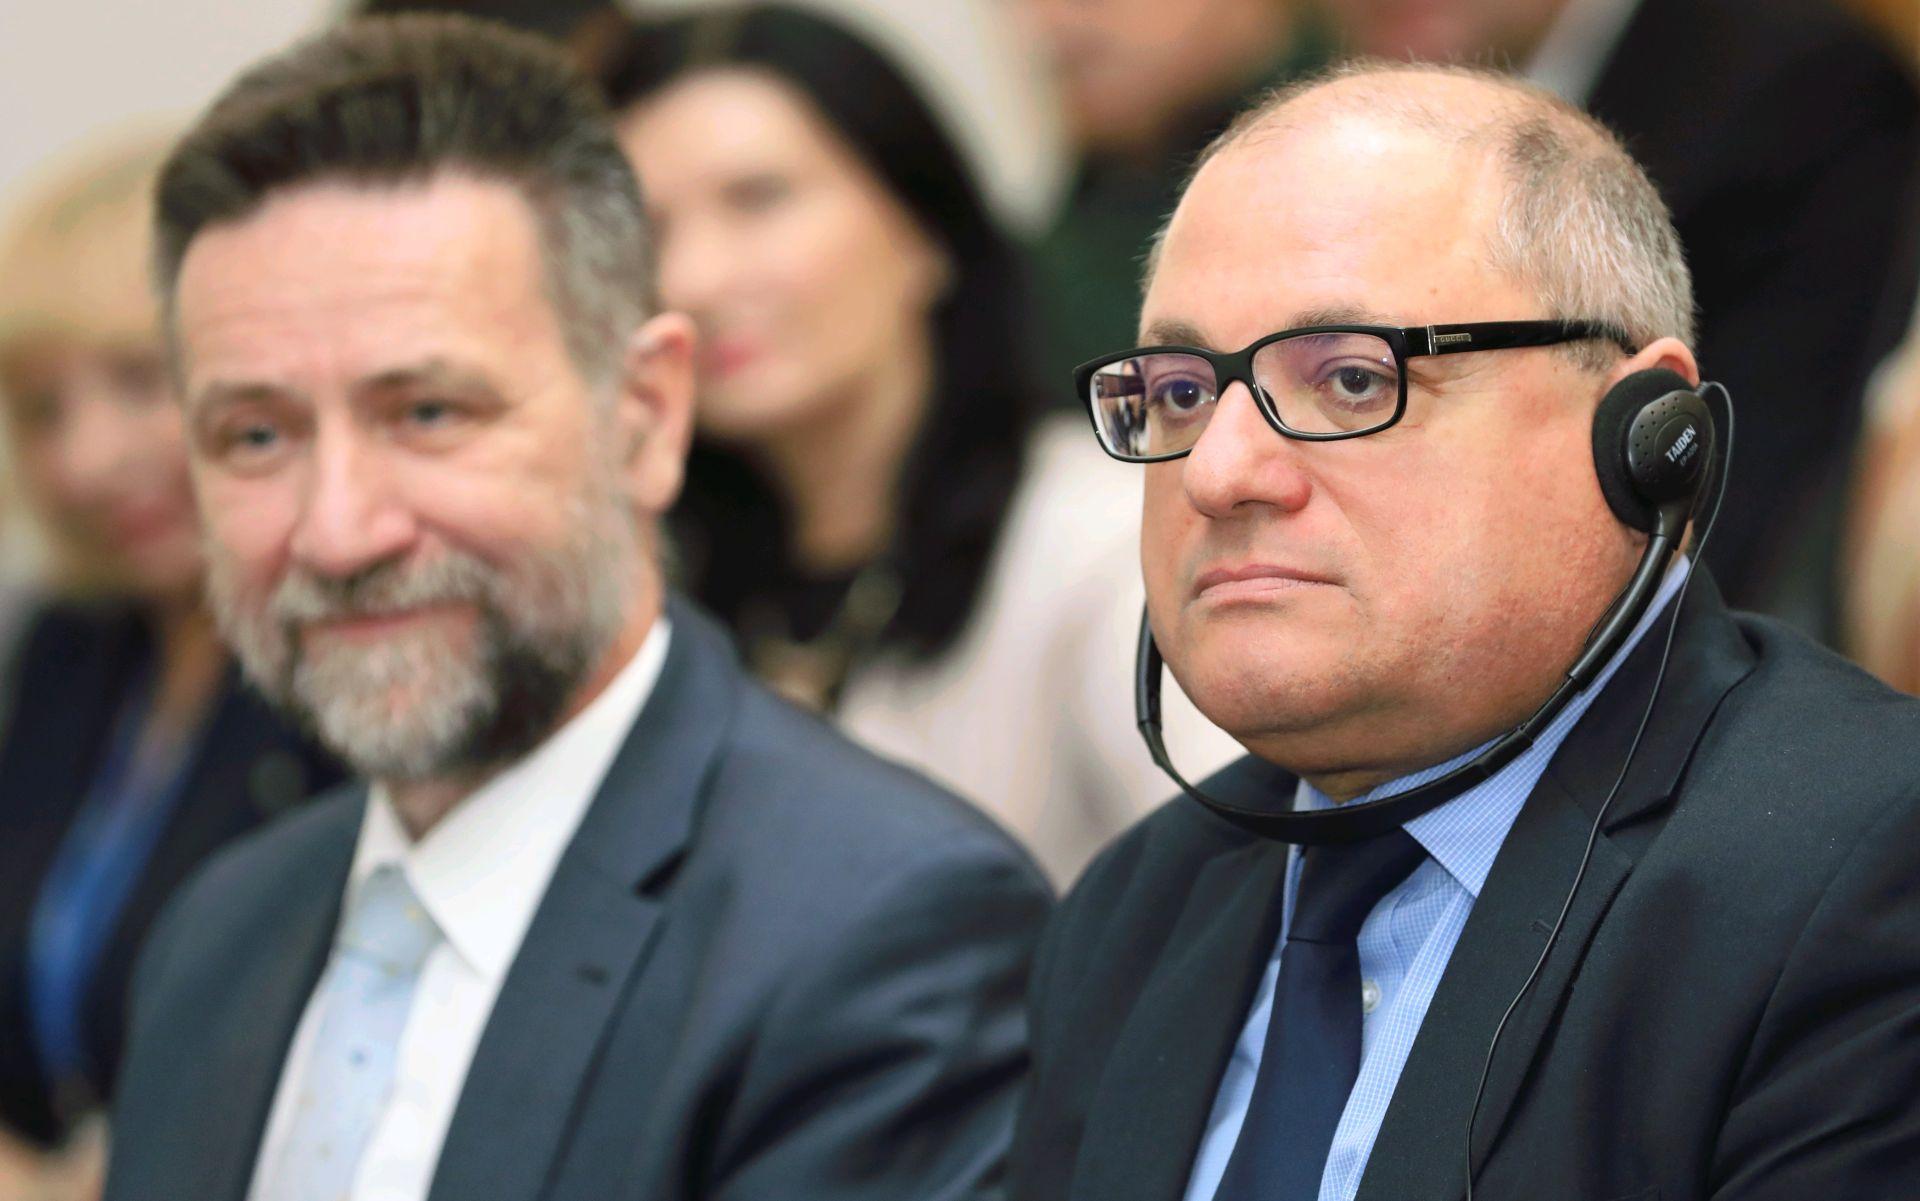 MINISTAR BARIŠIĆ 'Djelovanje Ministarstva usmjereno na razvoj i promociju strukovnog obrazovanja'